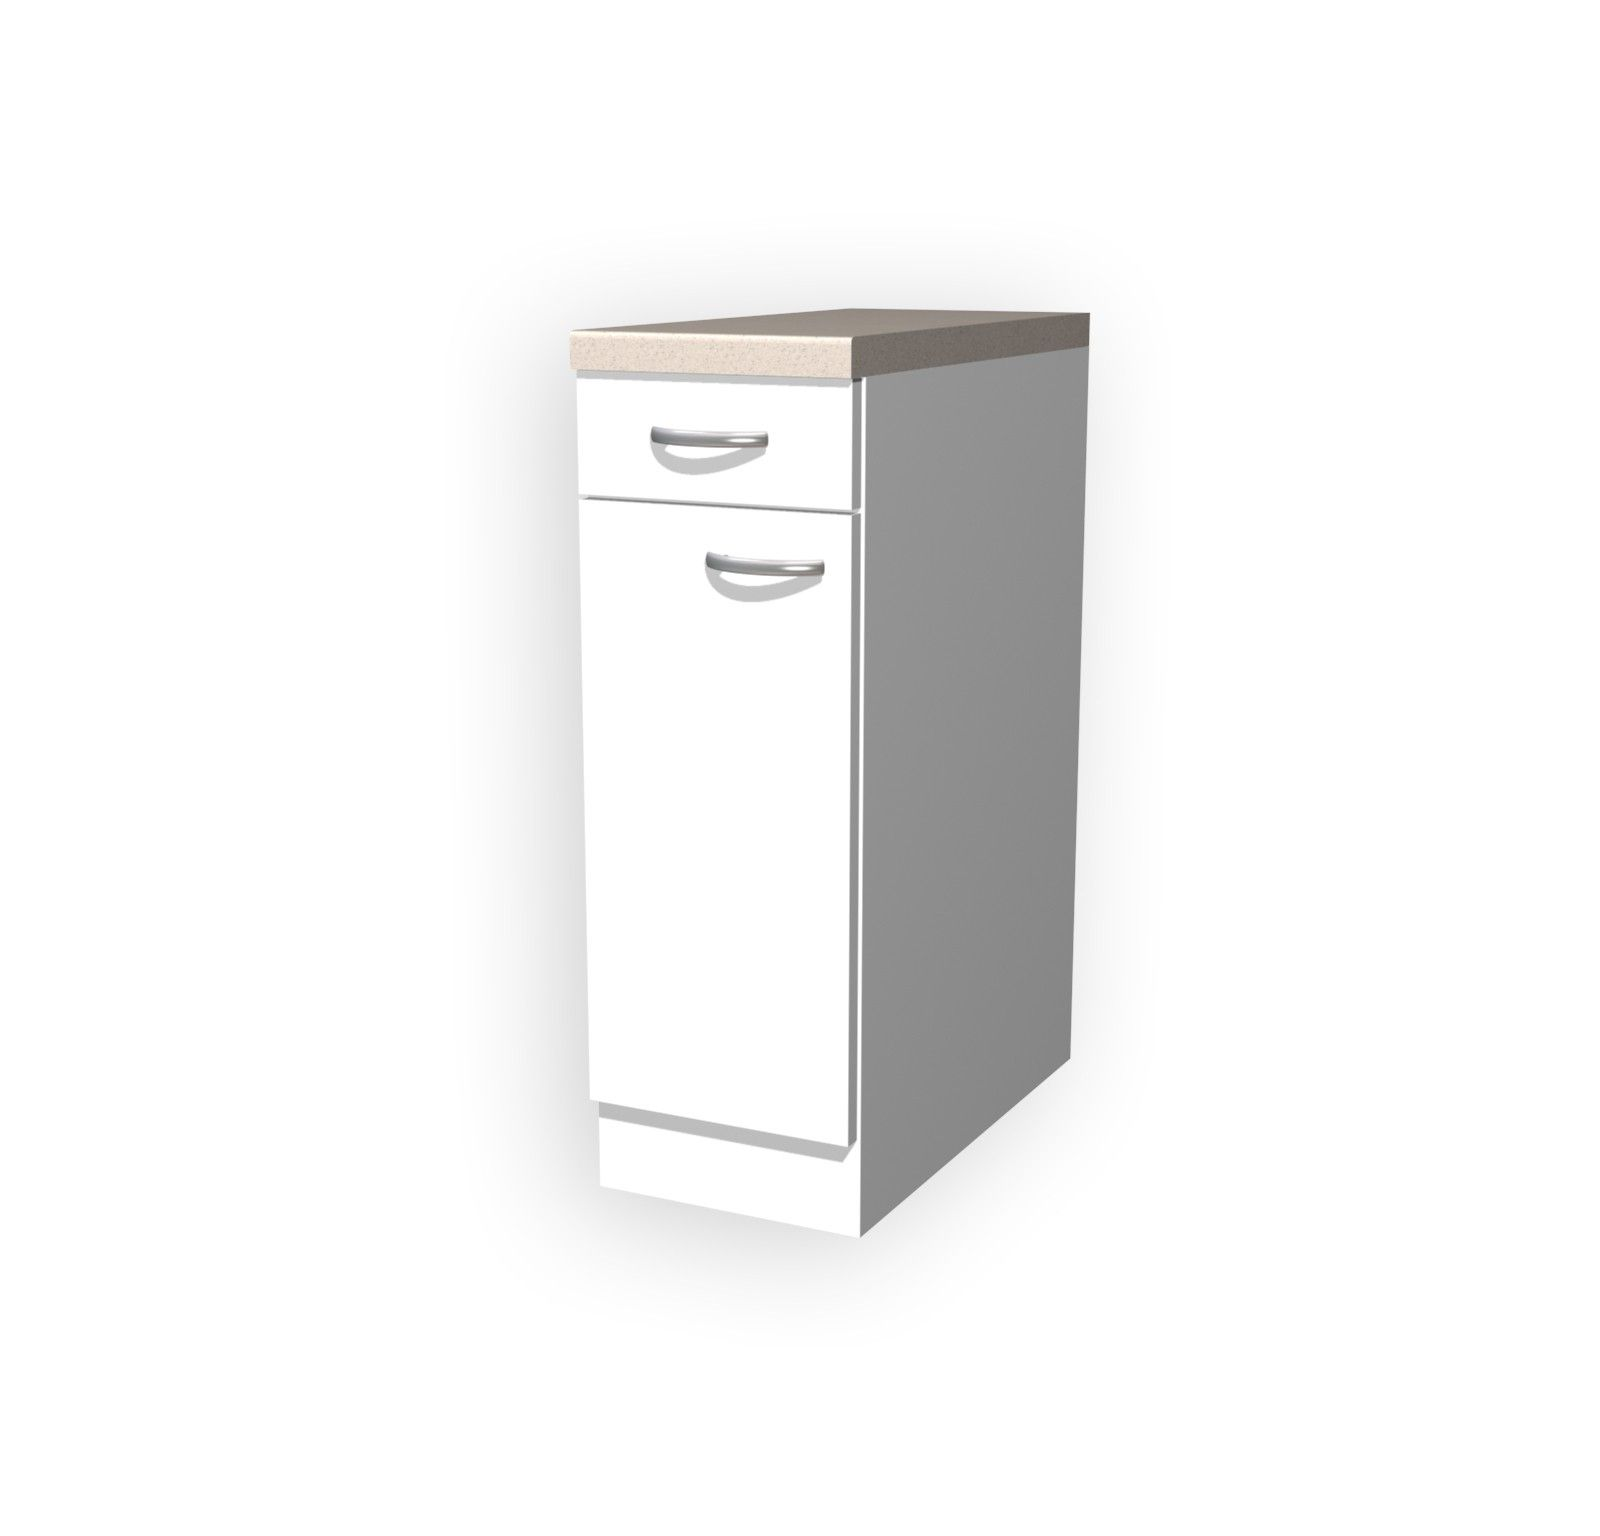 Küchen Unterschrank Unna 1 Türig 30 Cm Breit Weiß Küche 1000